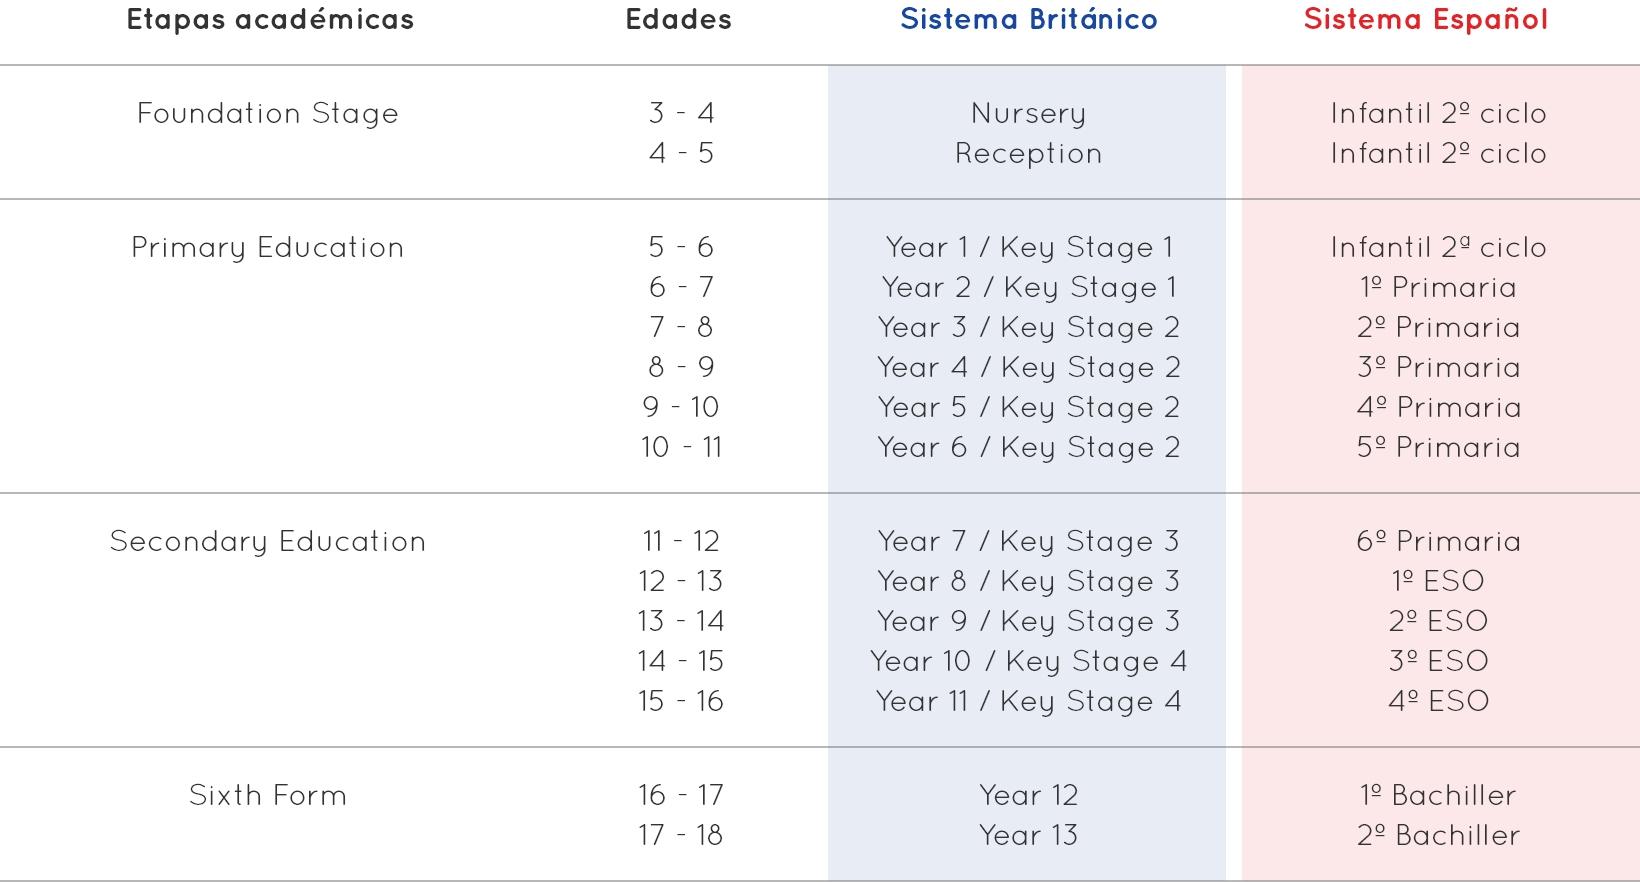 tabla equivalencias sistema británico y español